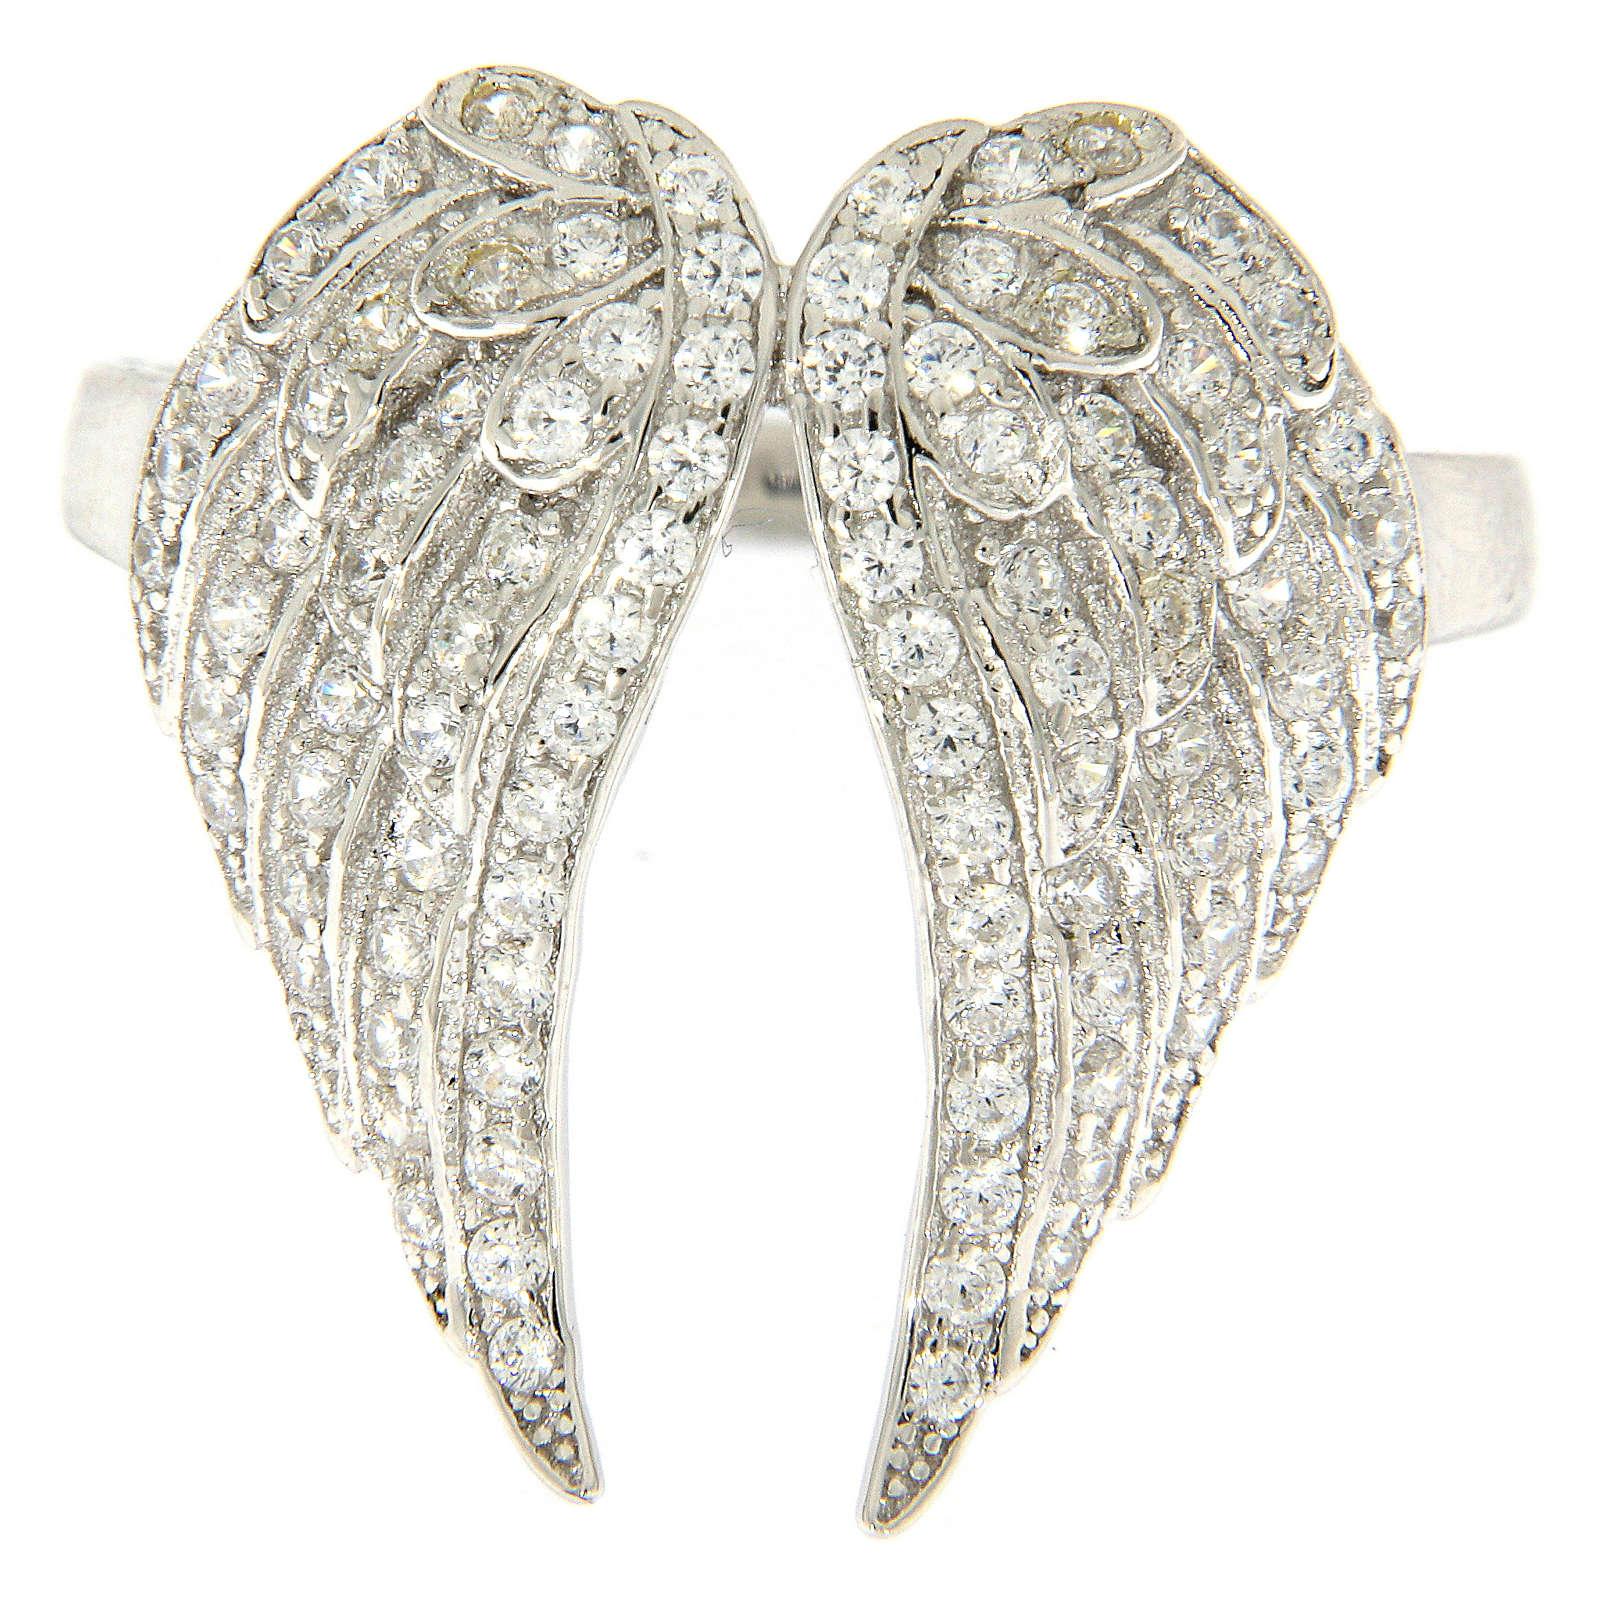 Anillo AMEN alas y zircones plata 925 3